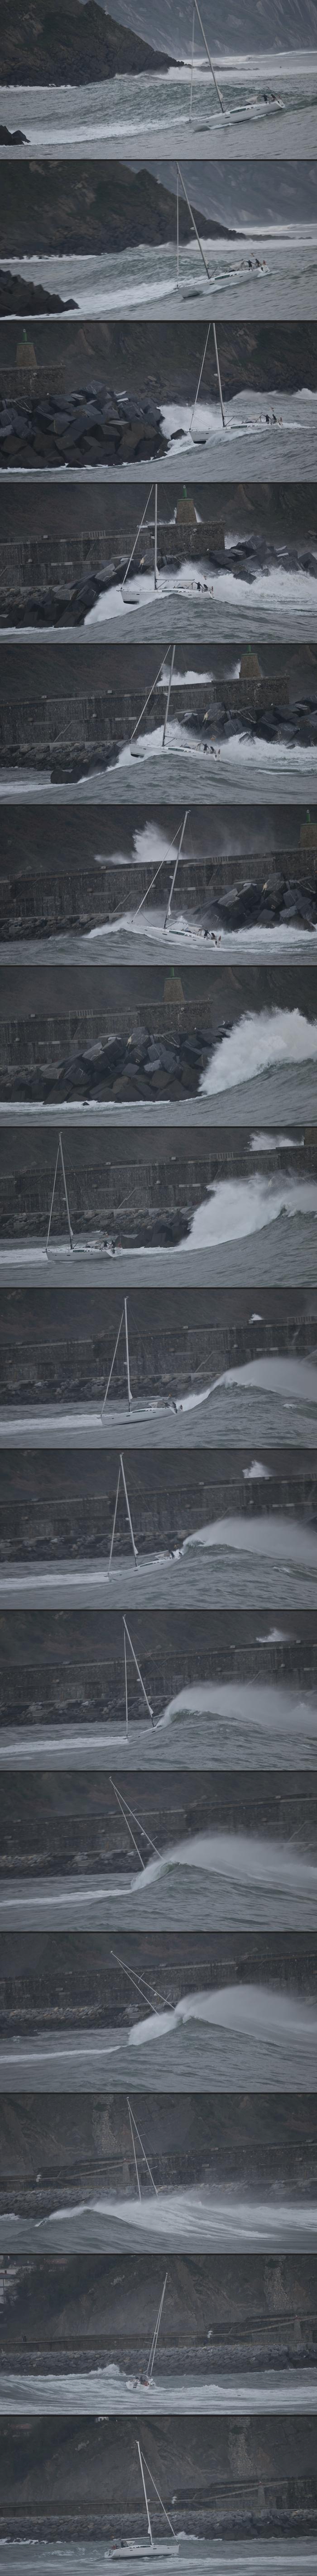 photo de surf 4100